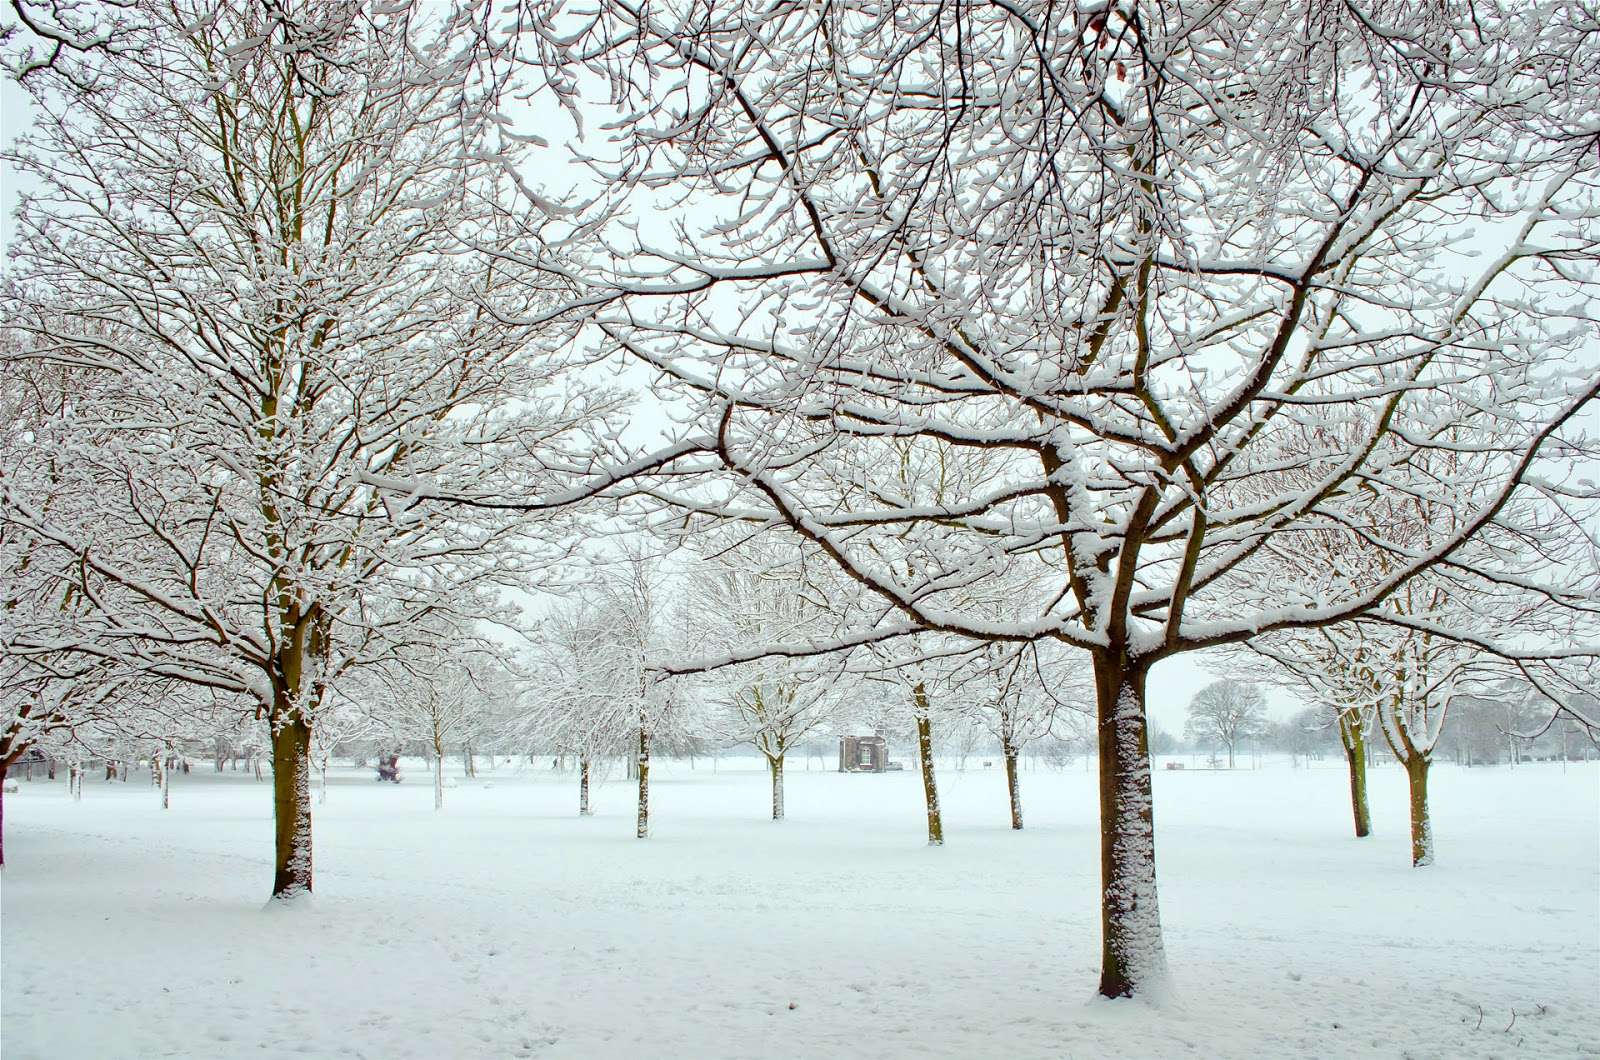 speech on winter season